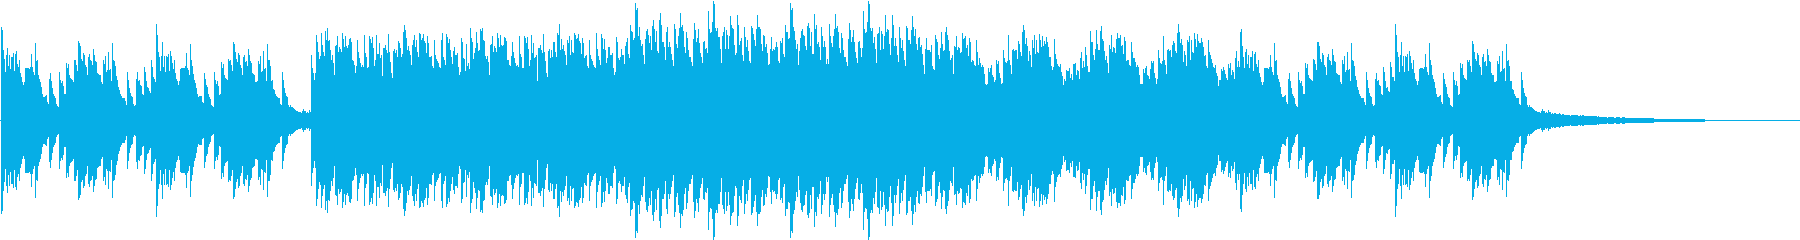 切ないゲームなどに合いそうなピアノ曲1の再生済みの波形